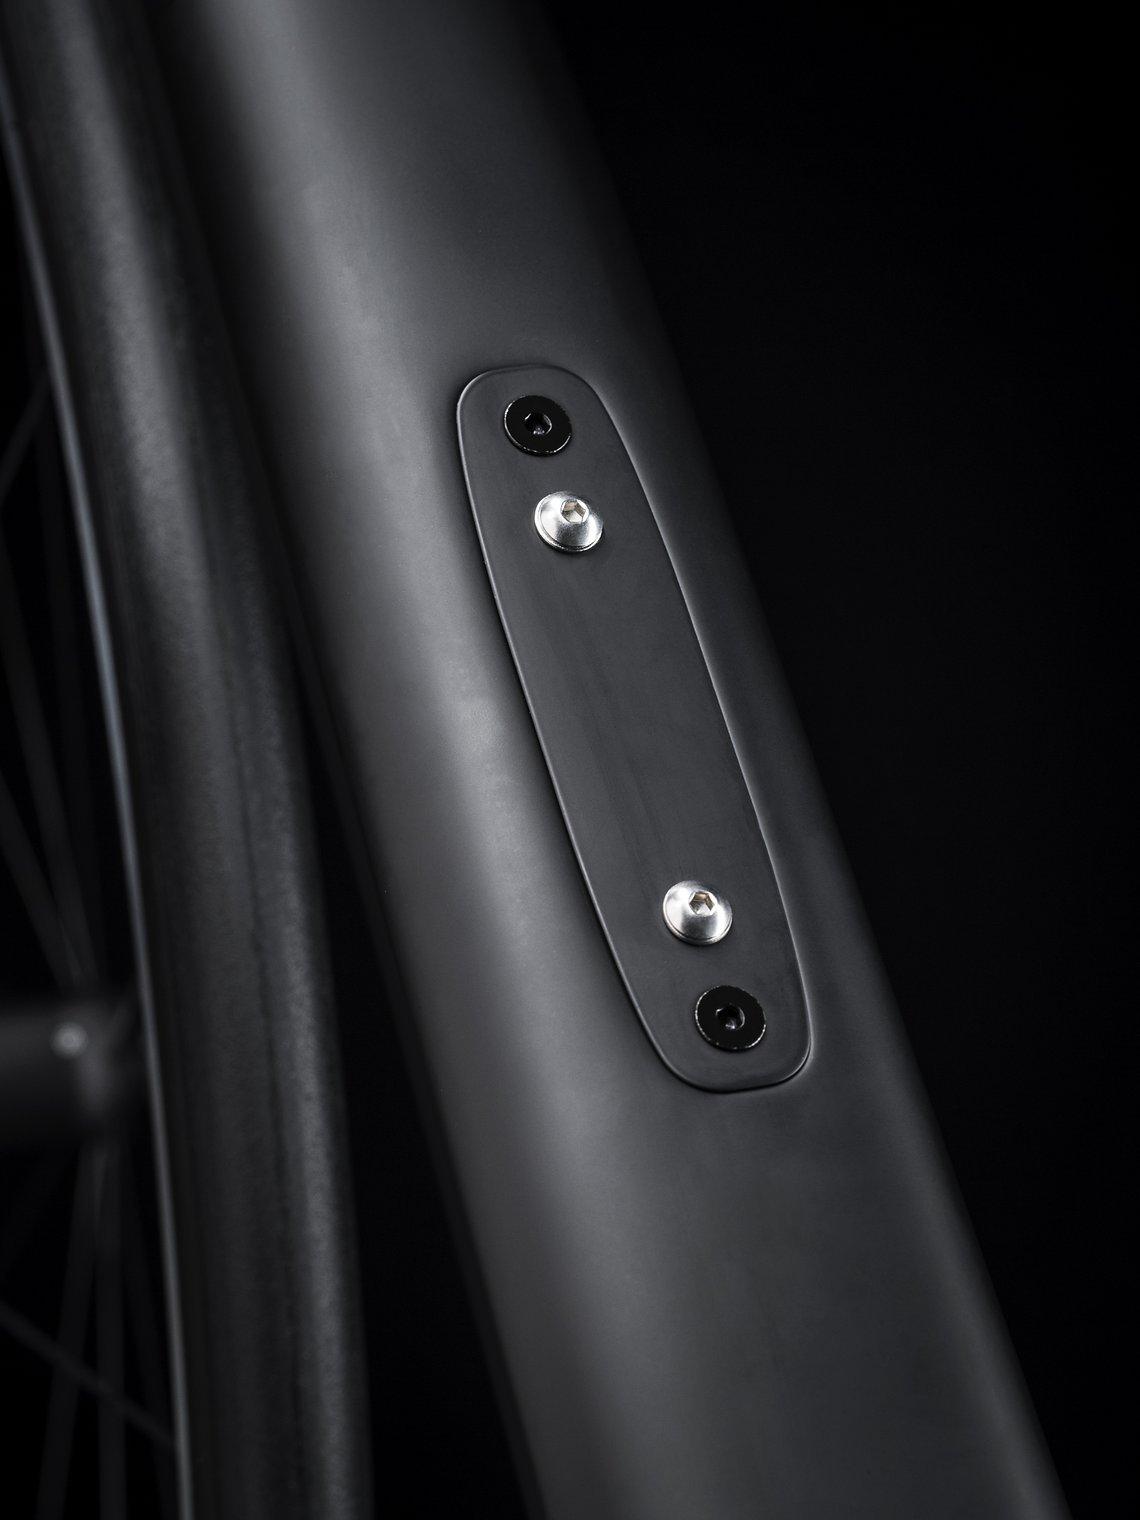 Der Akku für die elektronische Shimano Di2-Schaltung ist unauffällig im Unterrohr verstaut.